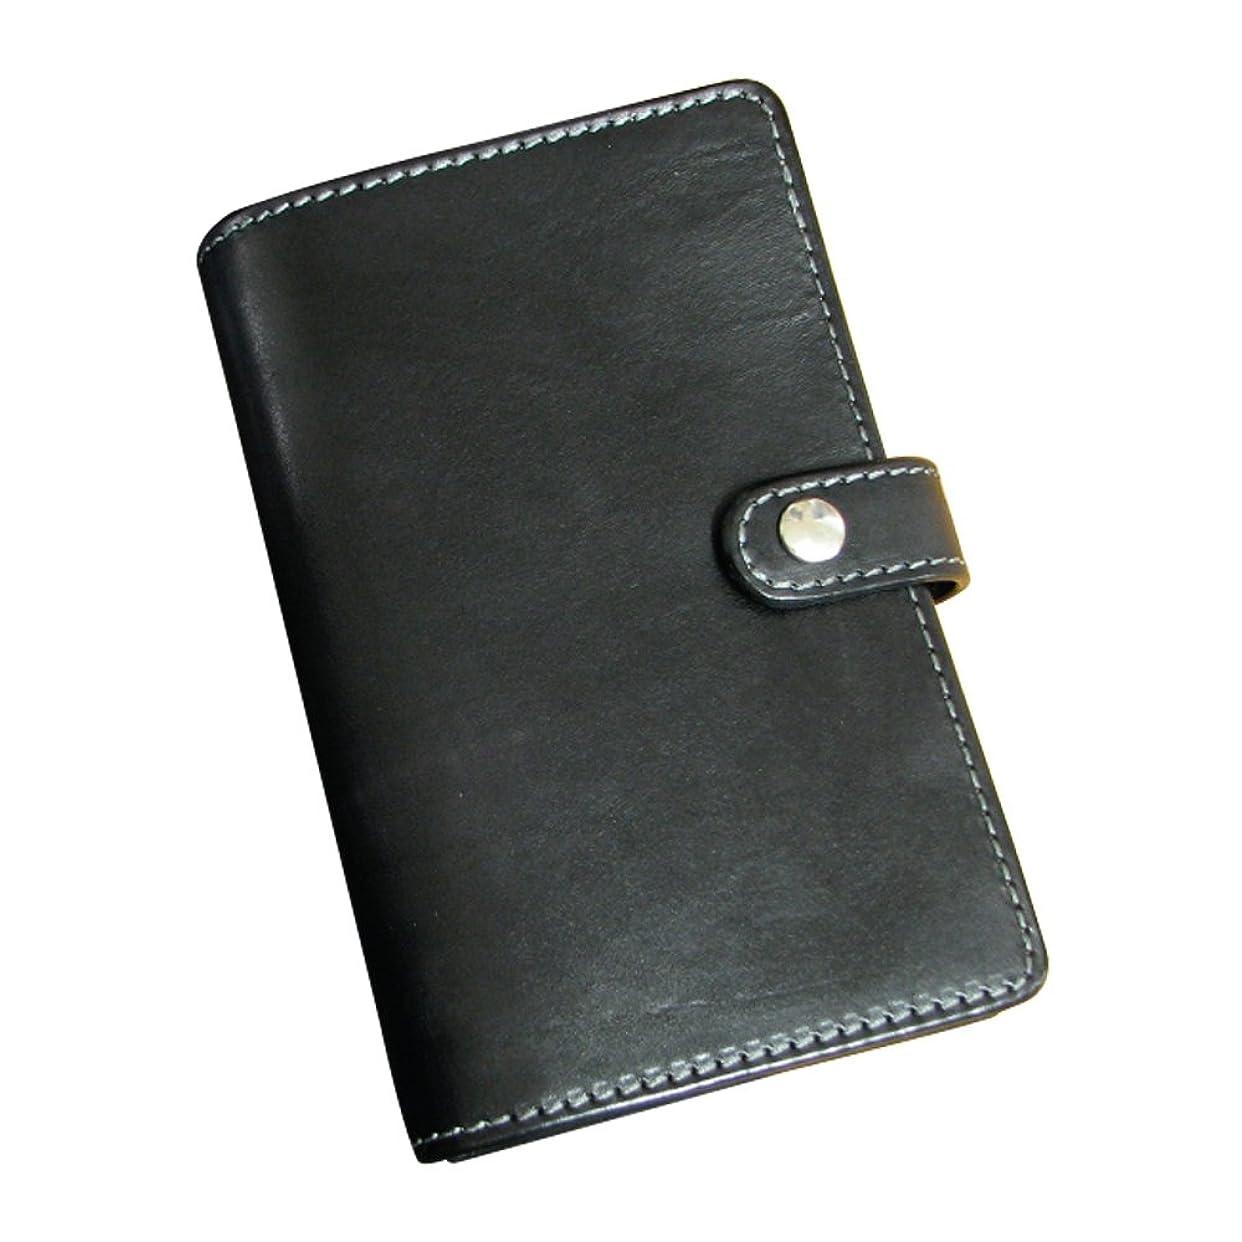 雑品カジュアル聖職者CRIMSON CHAIN バイブルサイズ 6穴システム手帳用紙対応 本牛革手帳カバー